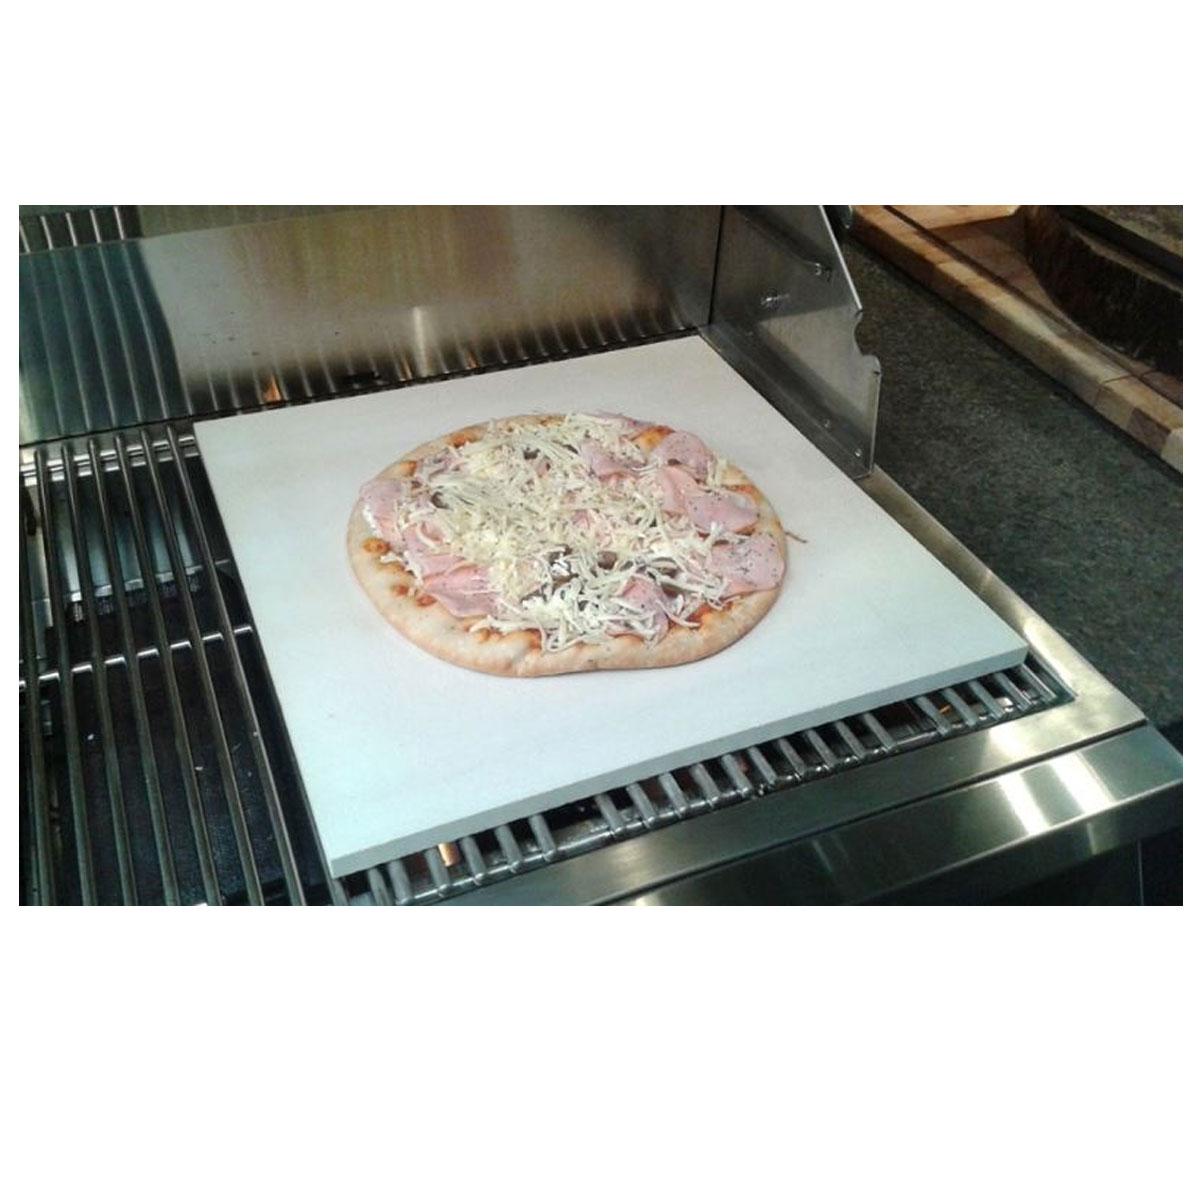 Pedra Refratária Cerâmica Quadrada Para Pizza 40x40 cm